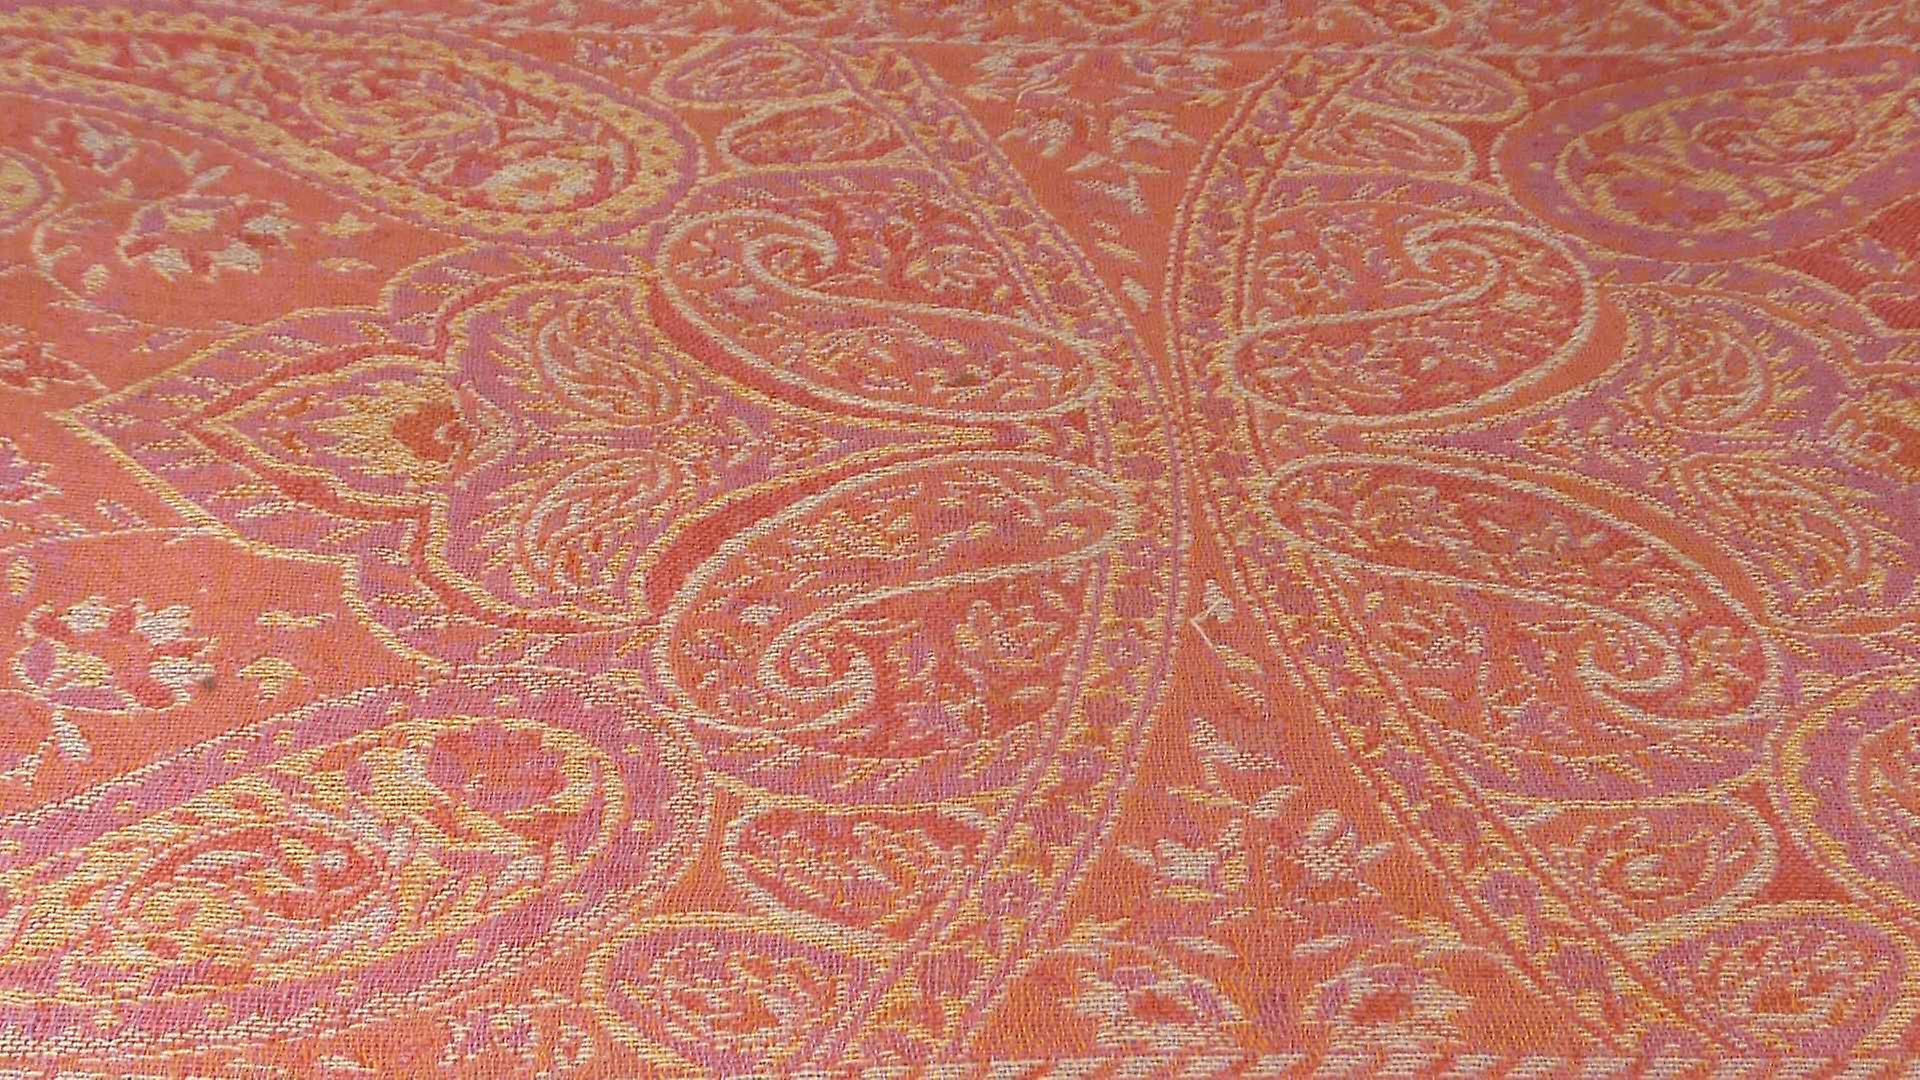 Muffler Scarf 2953 in Fine Pashmina Wool Heritage Range by Pashmina & Silk